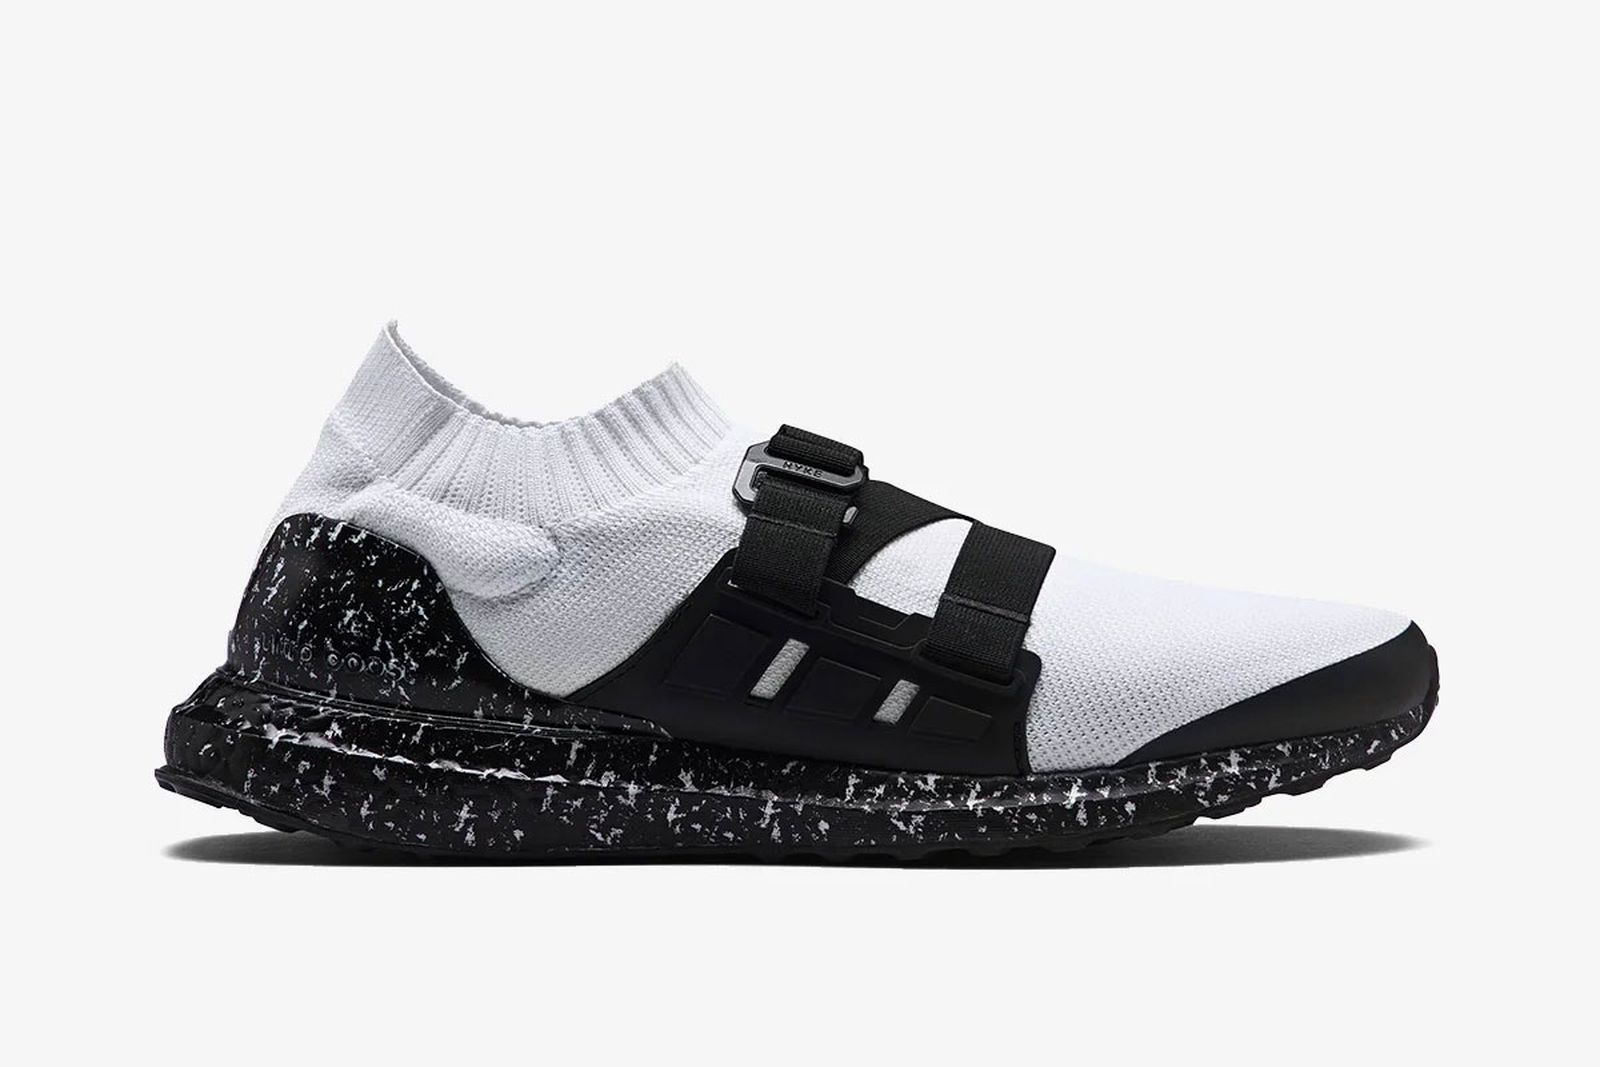 white and black Hyke x adidas Ultraboost aH001